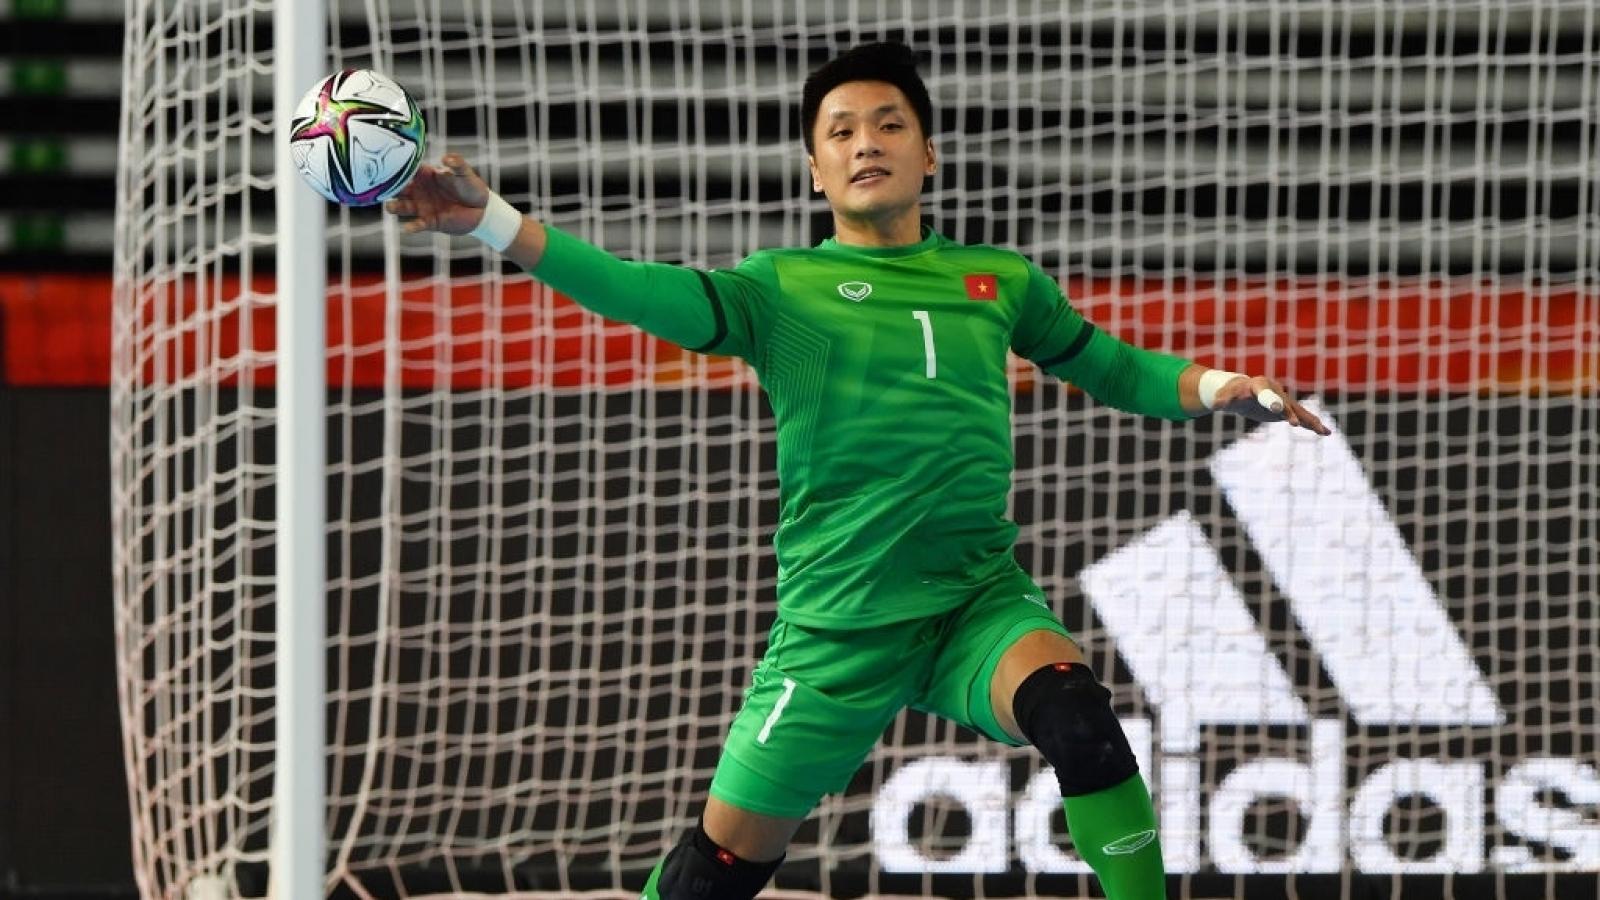 Dư âm ĐT Futsal Việt Nam 3-2 ĐT Futsal Panama: Niềm cảm hứng Hồ Văn Ý